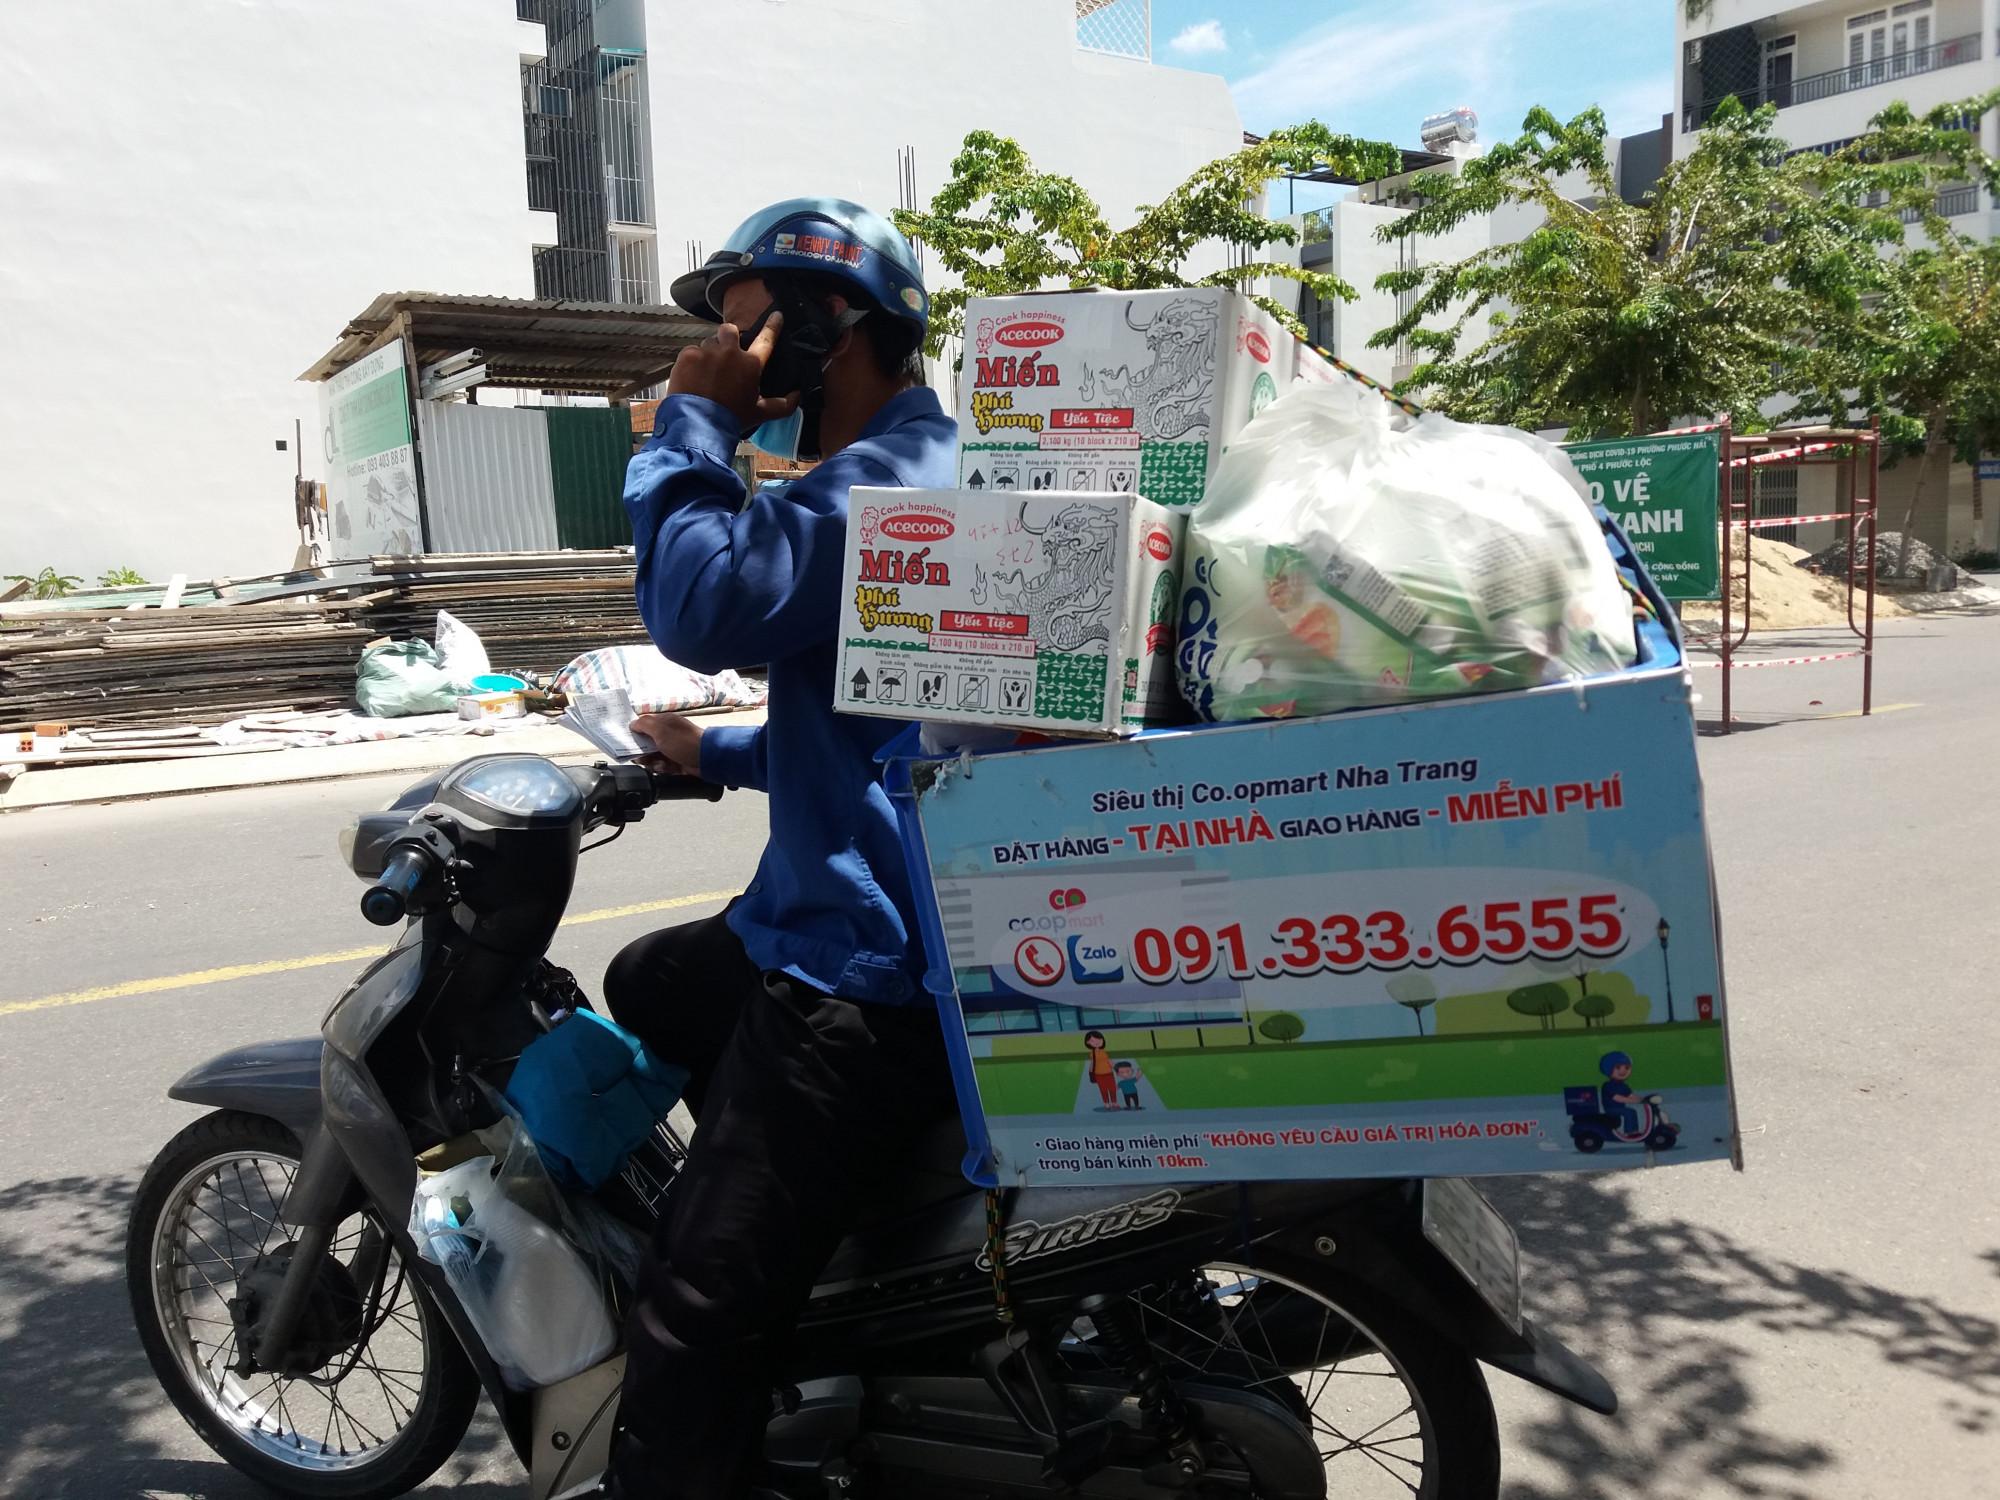 Nhân viên của siêu thị giao hàng cho người dân ở TP. Nha Trang